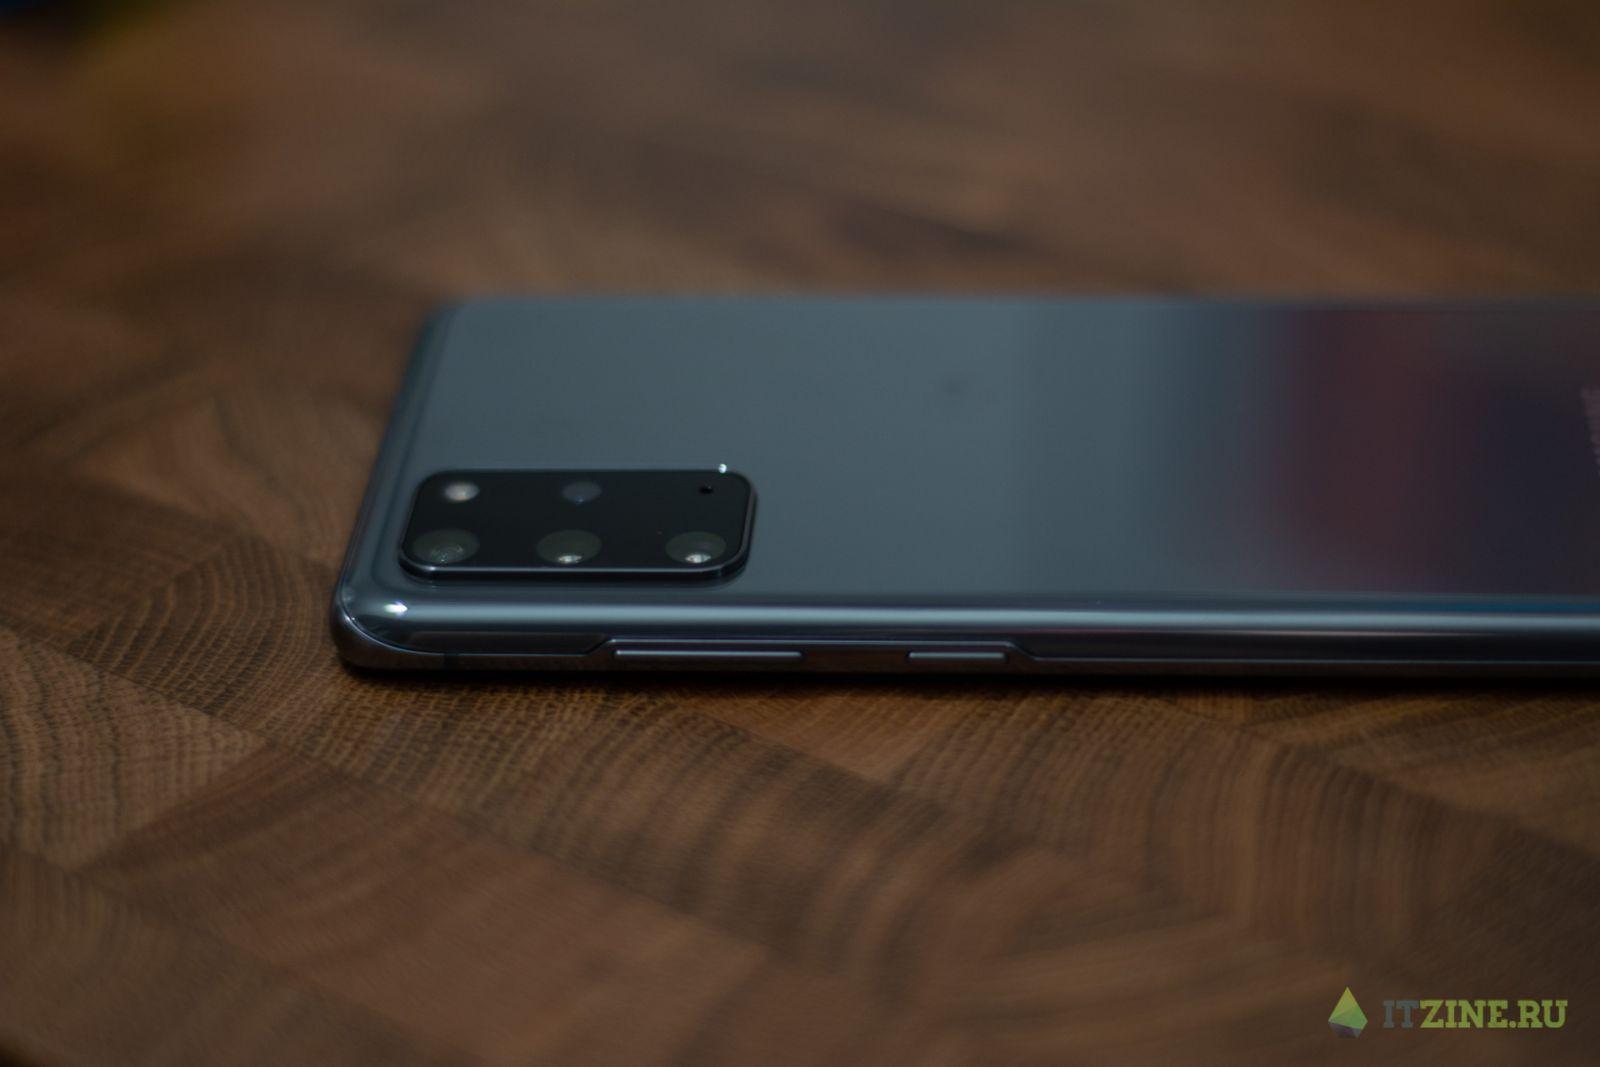 Премиум без изъянов. Обзор смартфона Samsung Galaxy S20+ (dsc 8721)